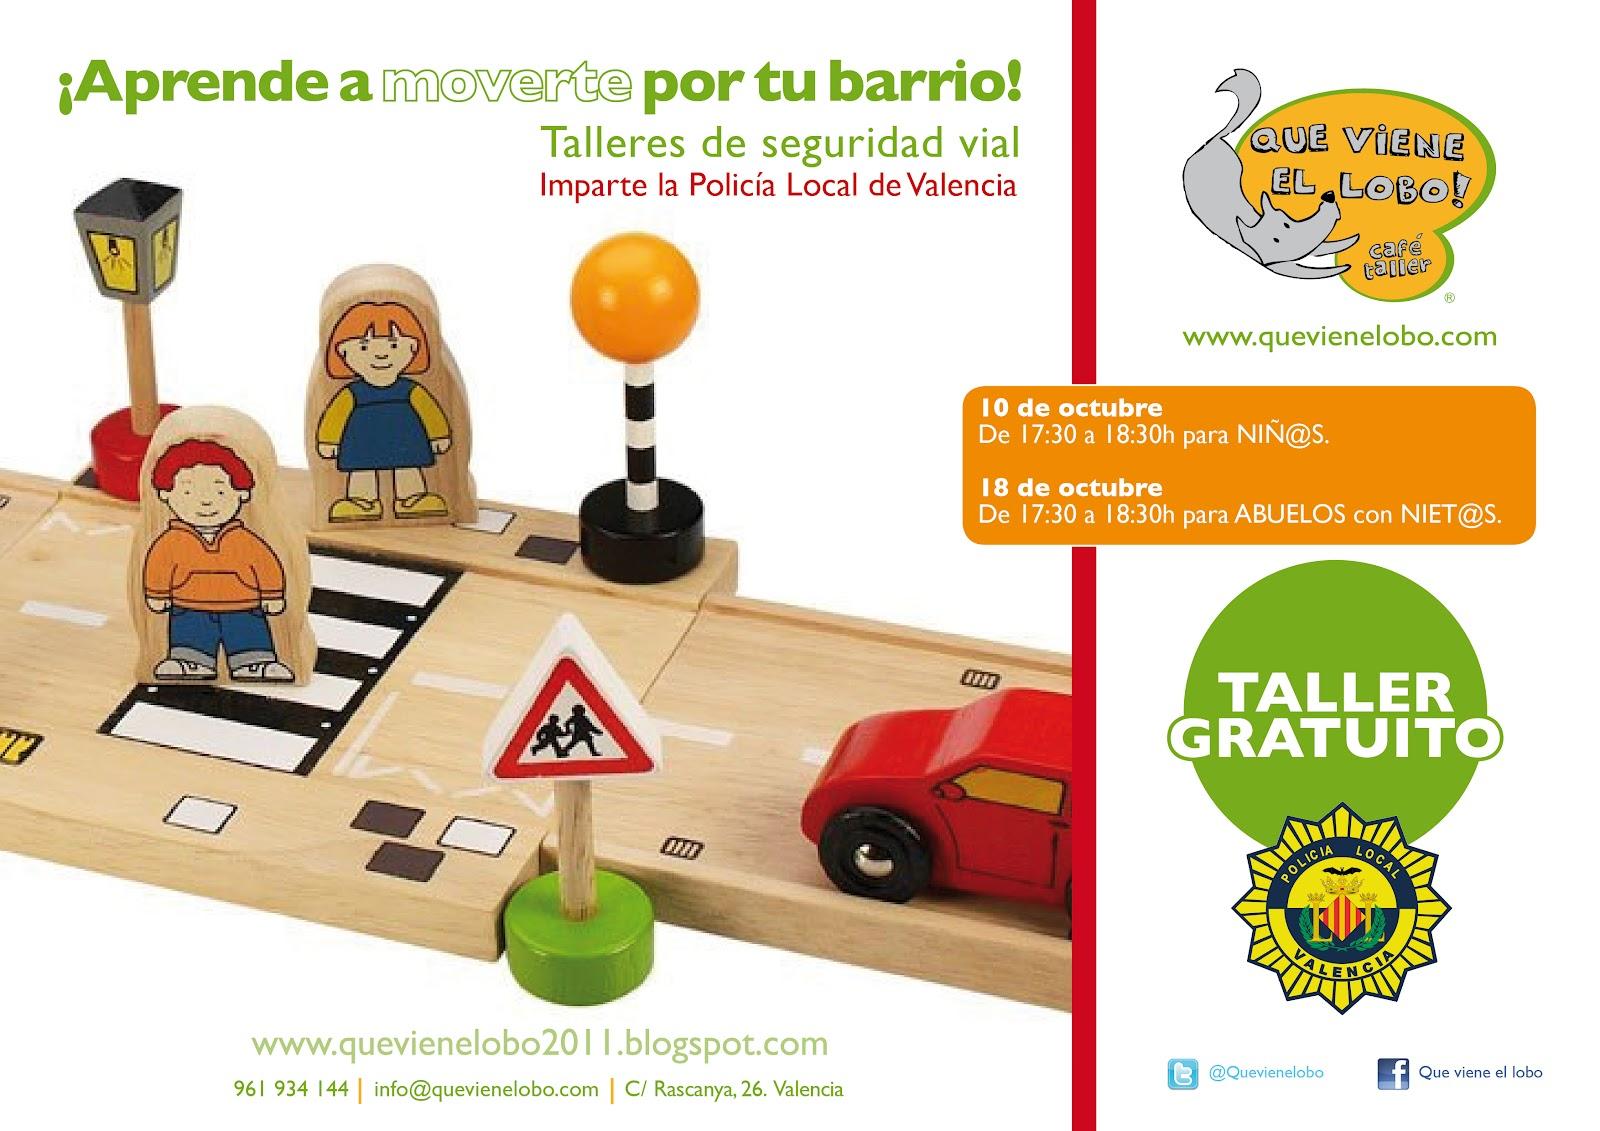 Talleres Gratuitos De Seguridad Vial!! Para Niños Y... Para Los No Tan Niños!  ;)